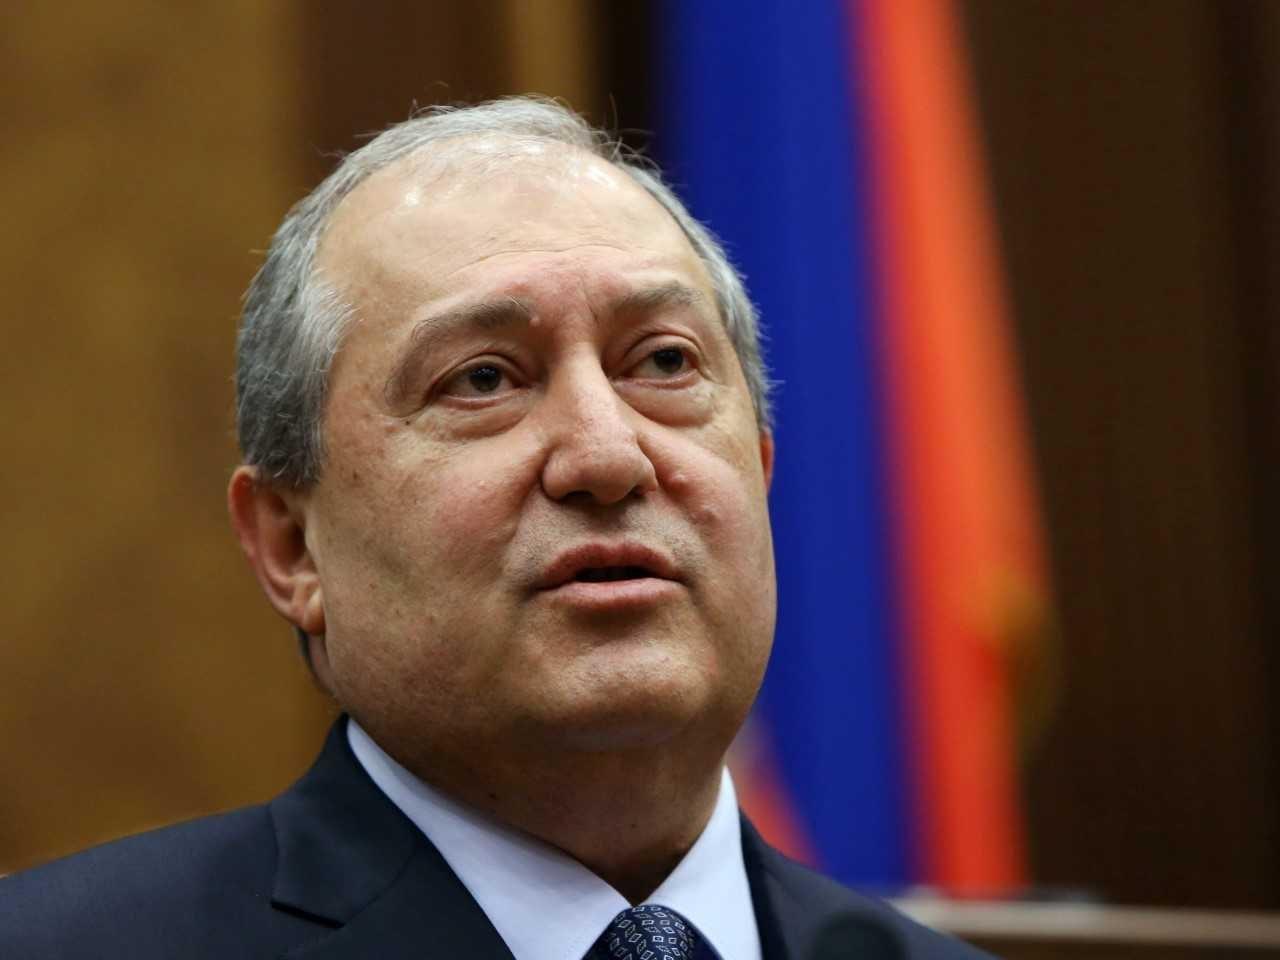 الرئيس الأرميني إلى موسكو لمناقشة مسألة كاراباخ مع الجالية الأرمنية